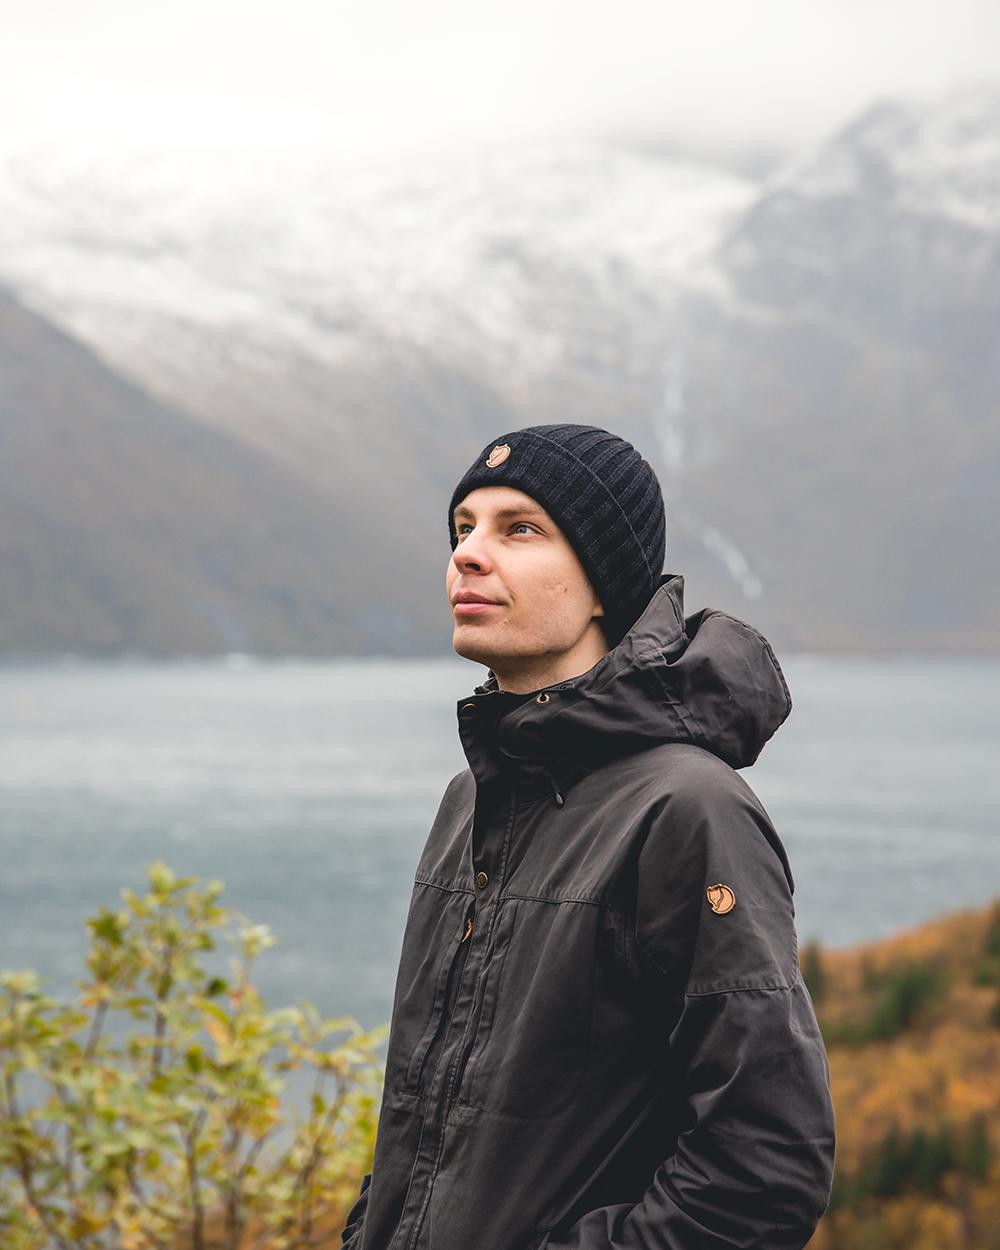 - Moi, olen 26-vuotias maisema- ja luontokuvaaja Espoosta. Sain ensimmäisen digitaalikameran kun olin kahdentoista. Olin niin innoissani maisemien ja luonnon kuvaamisesta, että aloin julkaista kuviani netissä. Siitä lähtien intohimoni valokuvausta kohtaan on vain kasvanut. Aloitettuani mediatekniikan opinnot ammattikorkeakoulussa suhtautumisen valokuvaukseen muuttui vieläkin vakavammaksi. Sittemmin unelmani on ollut kehittyä ammattivalokuvaajaksi ja jakaa maailman kauneutta kuvieni kautta.